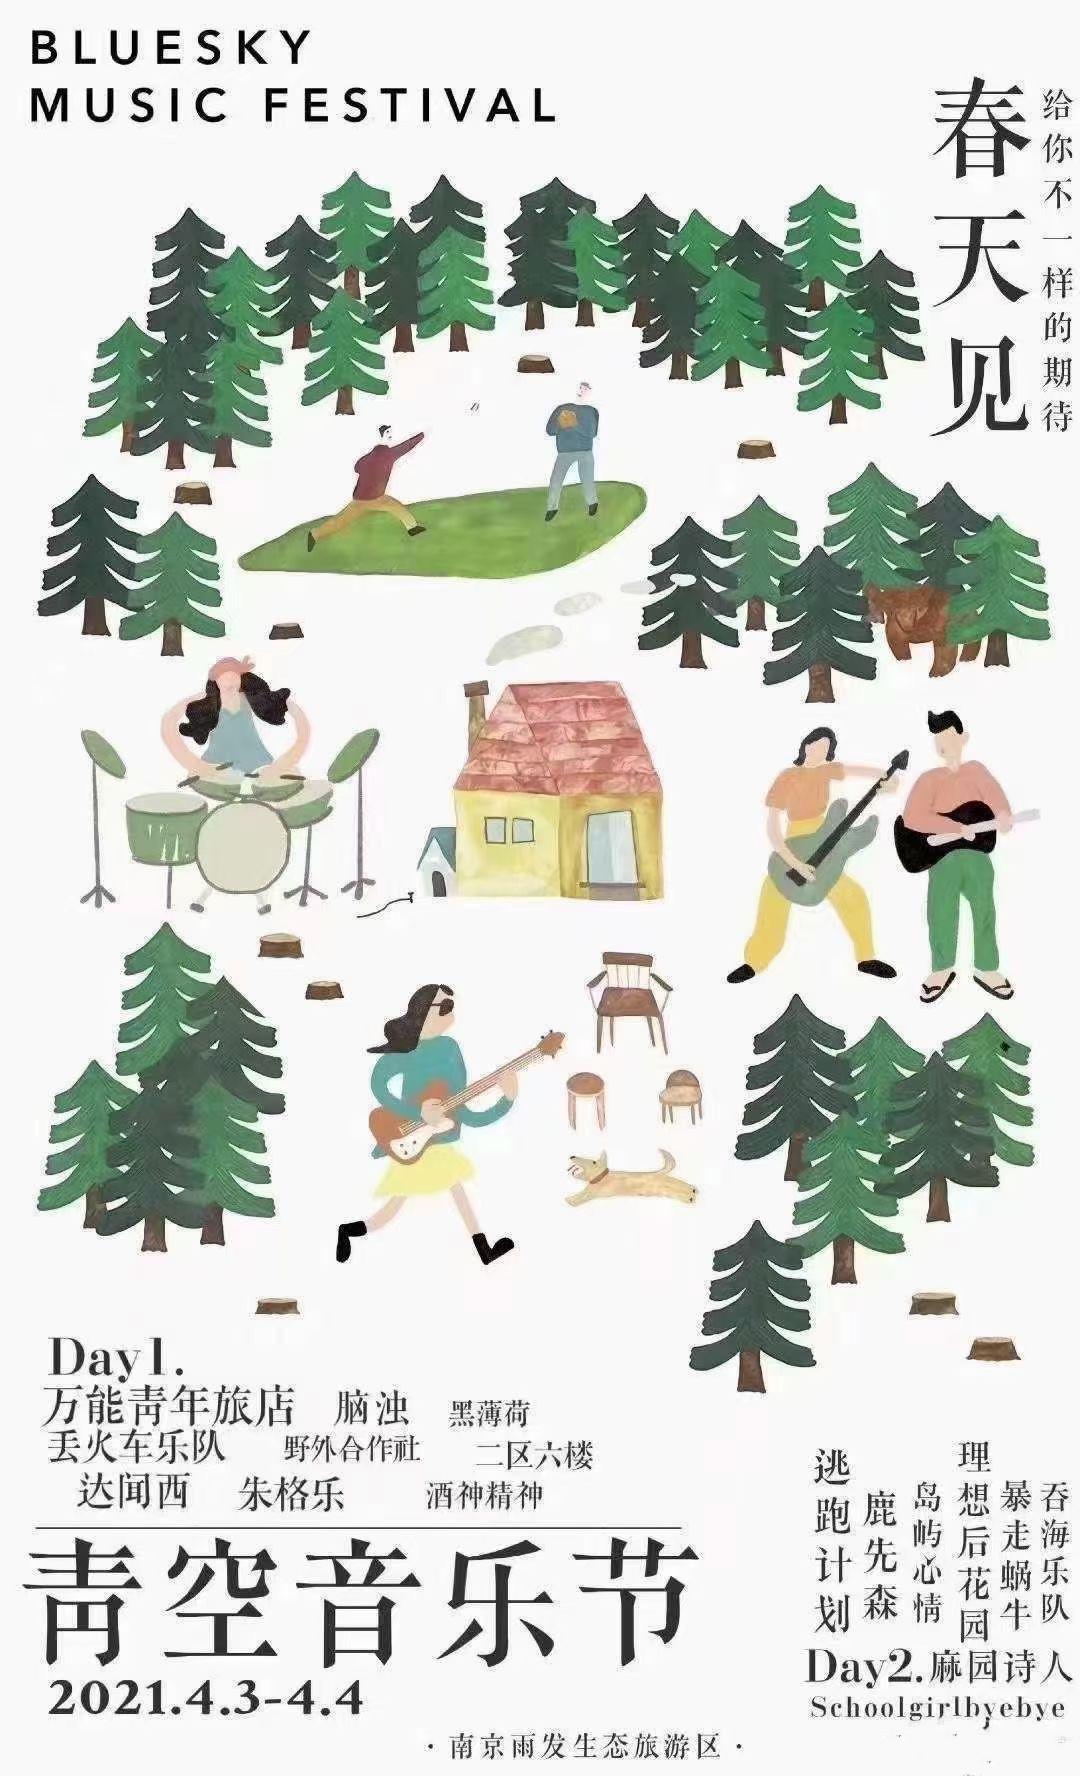 2021南京青空音乐节演出什么时候开始?